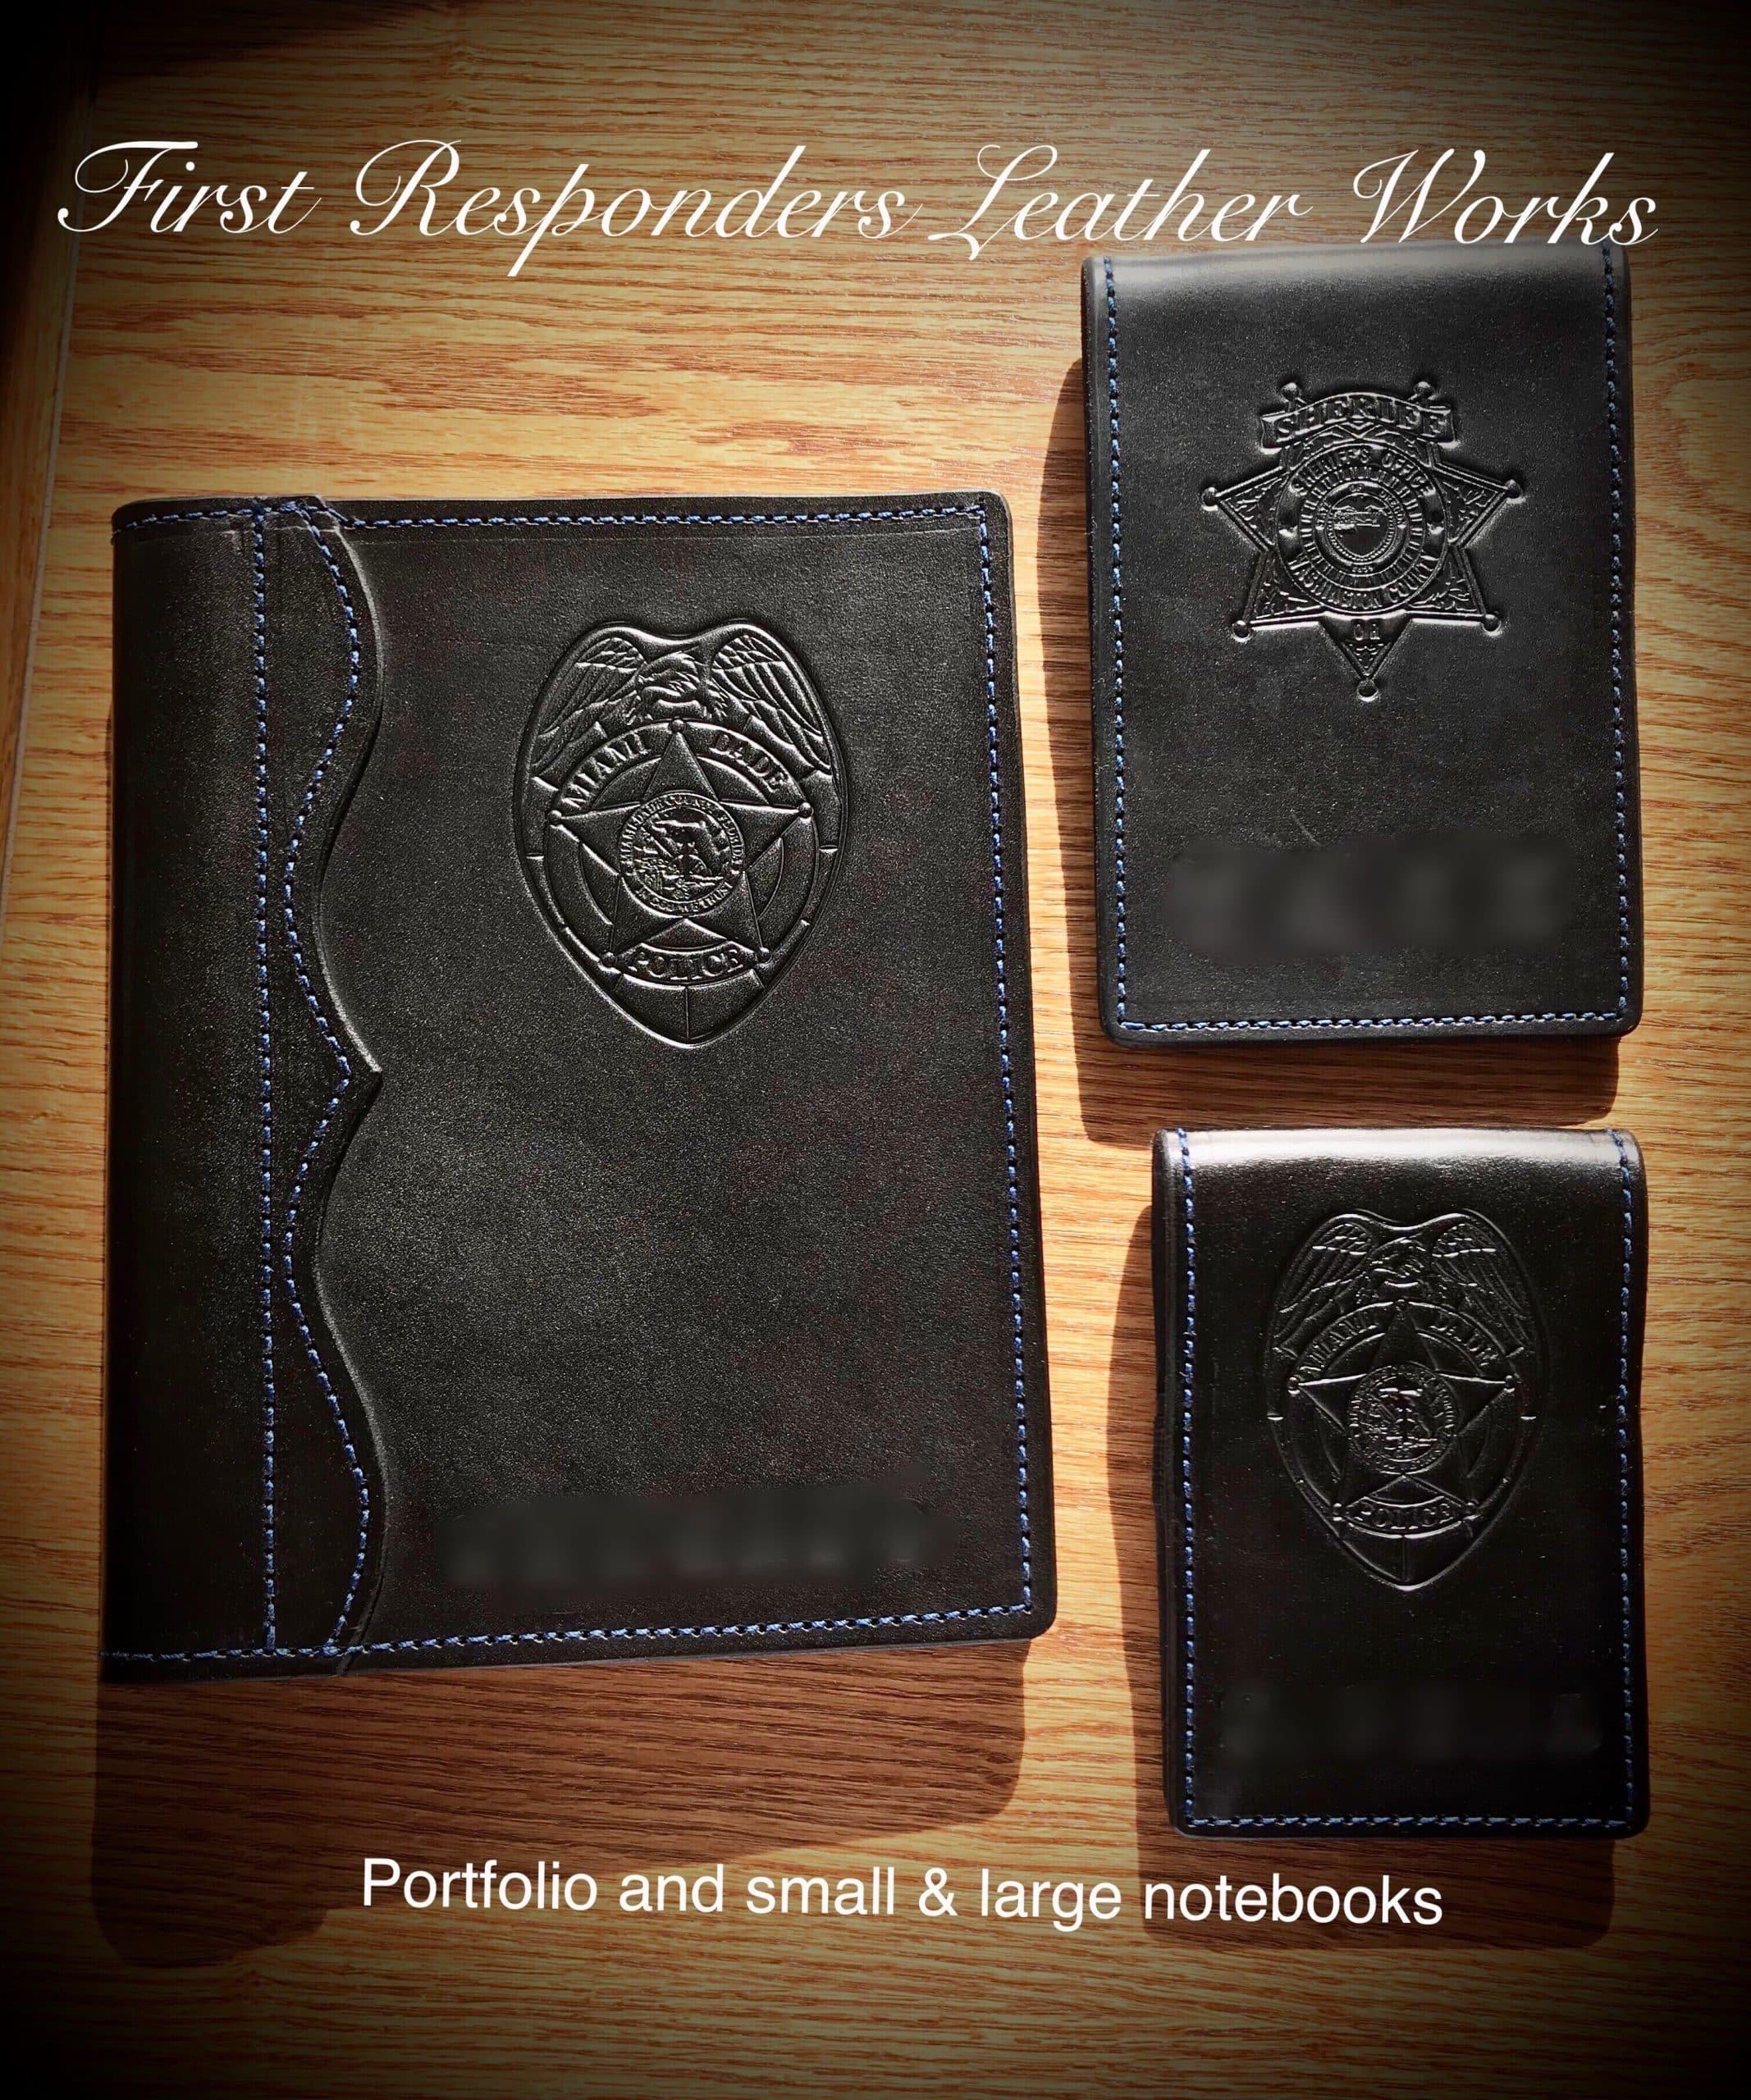 Notebook and Portfolio Cover